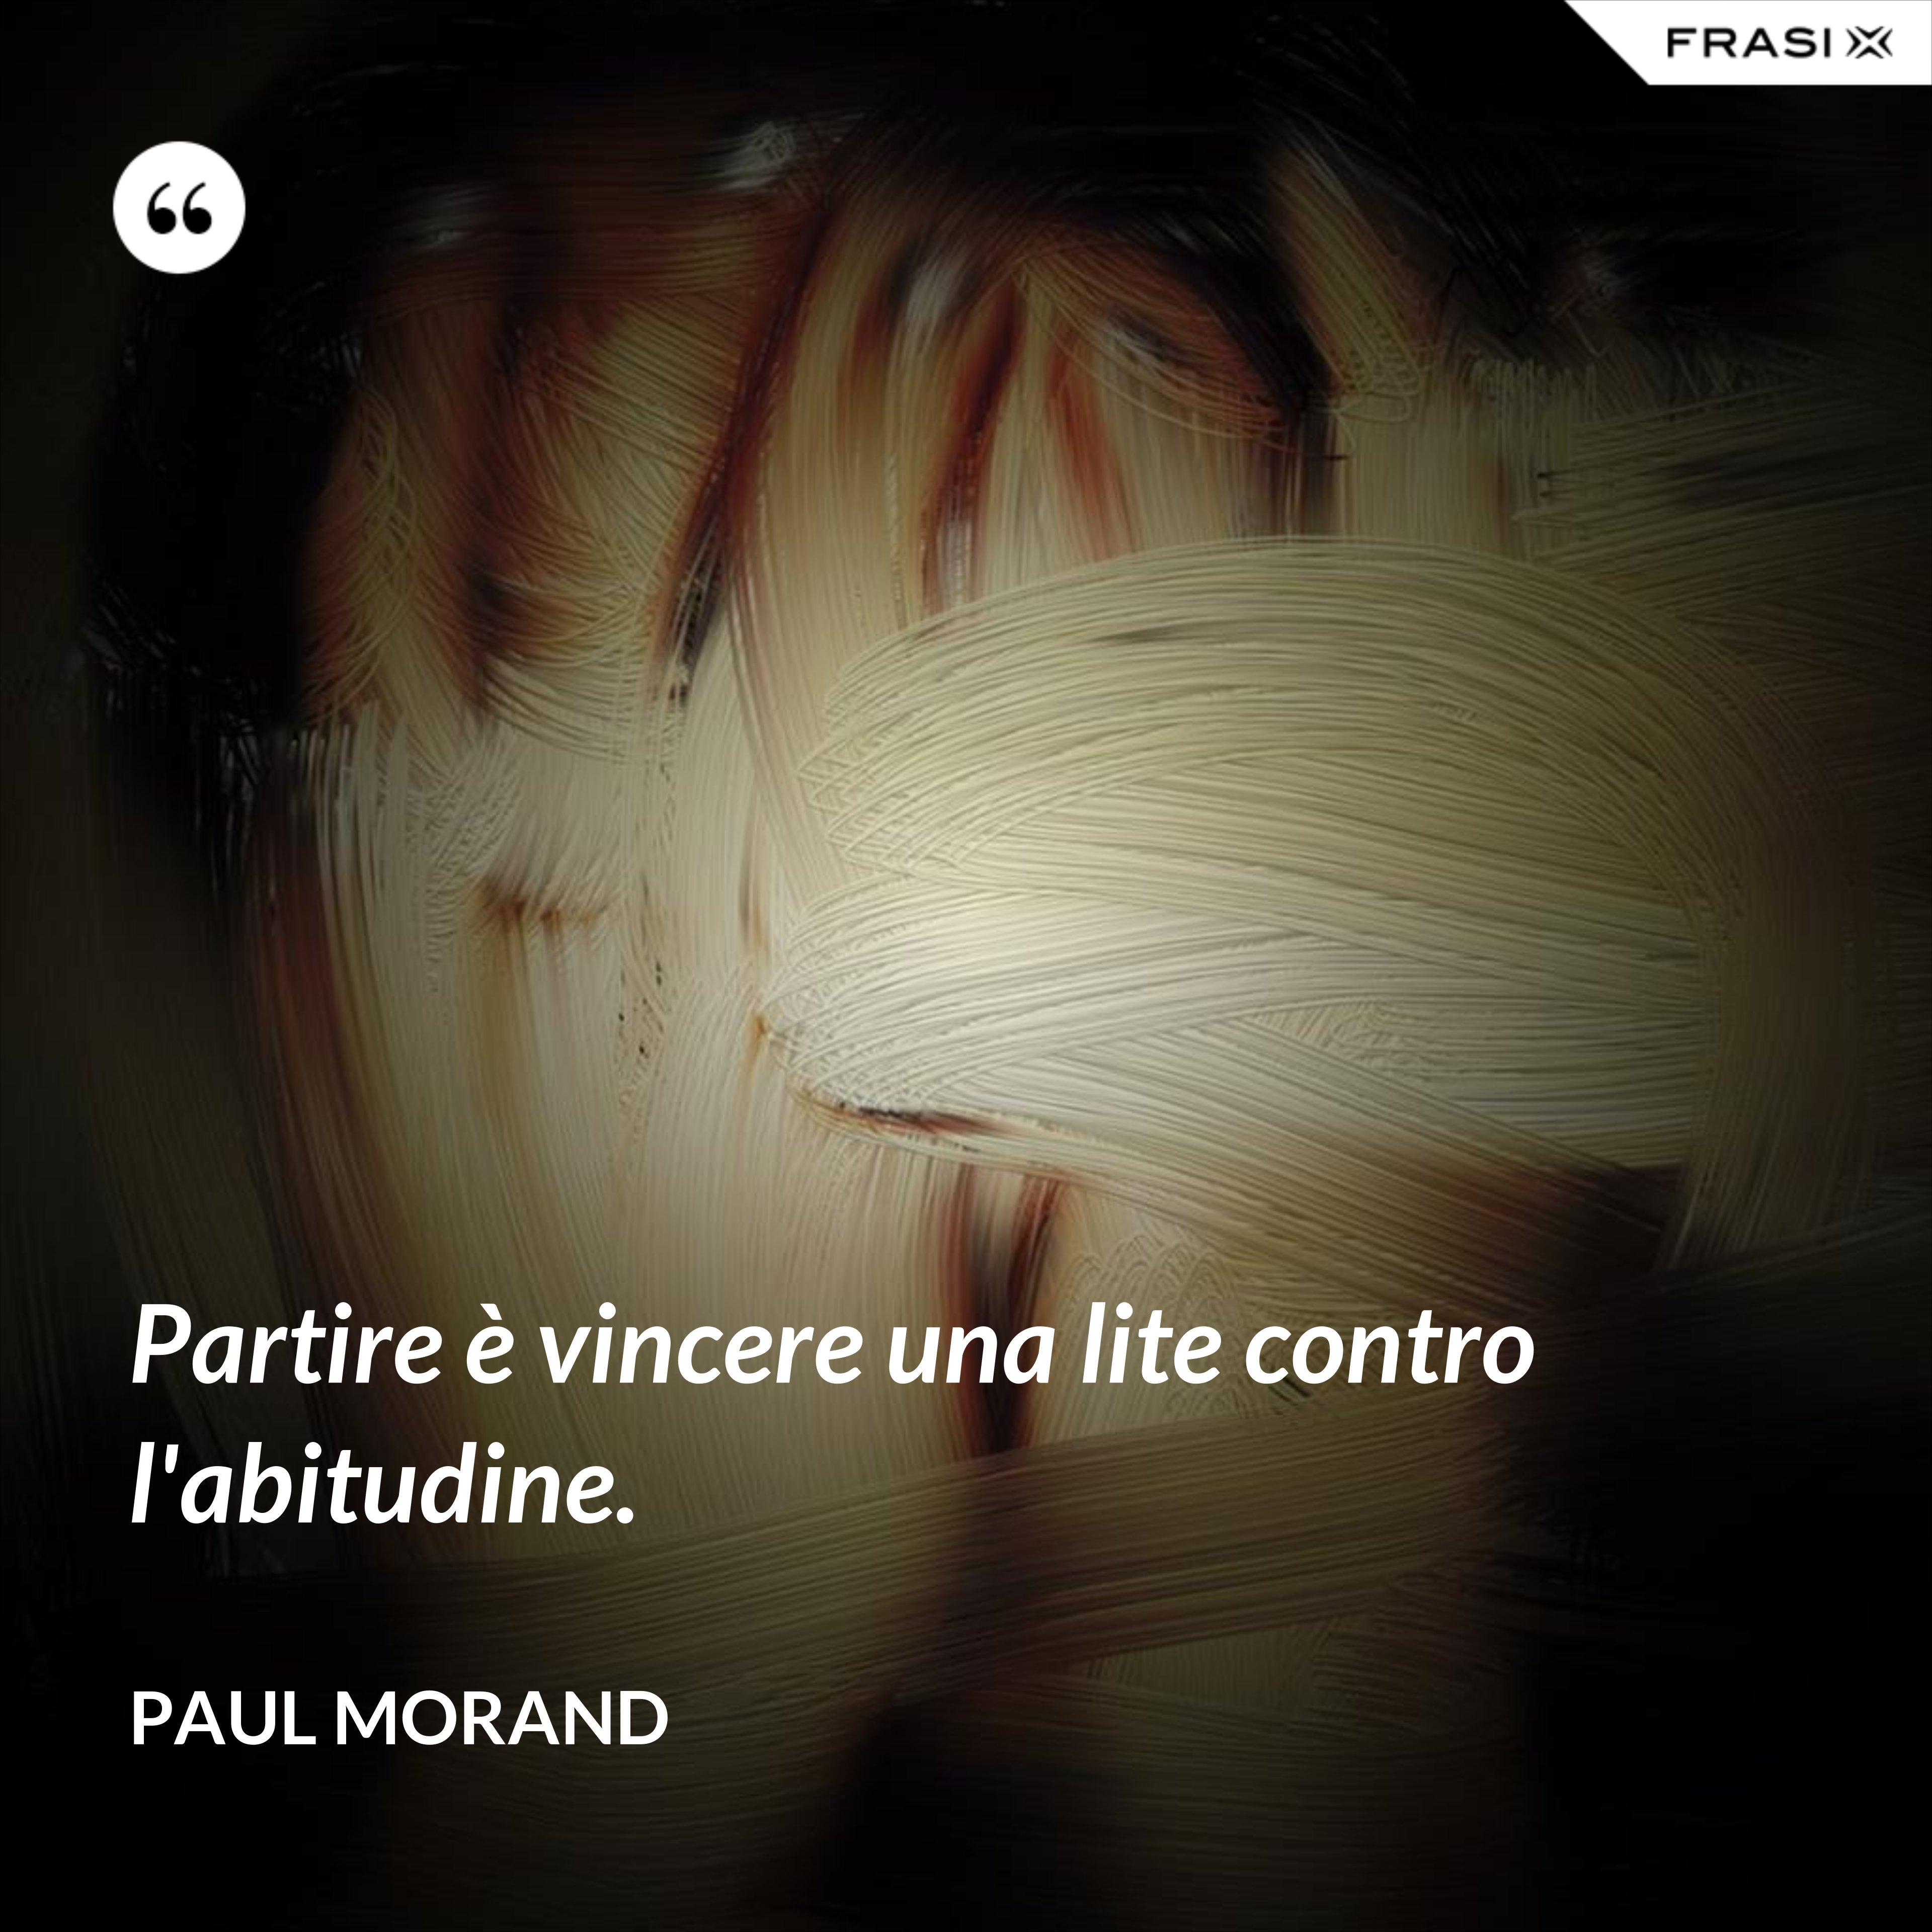 Partire è vincere una lite contro l'abitudine. - Paul Morand